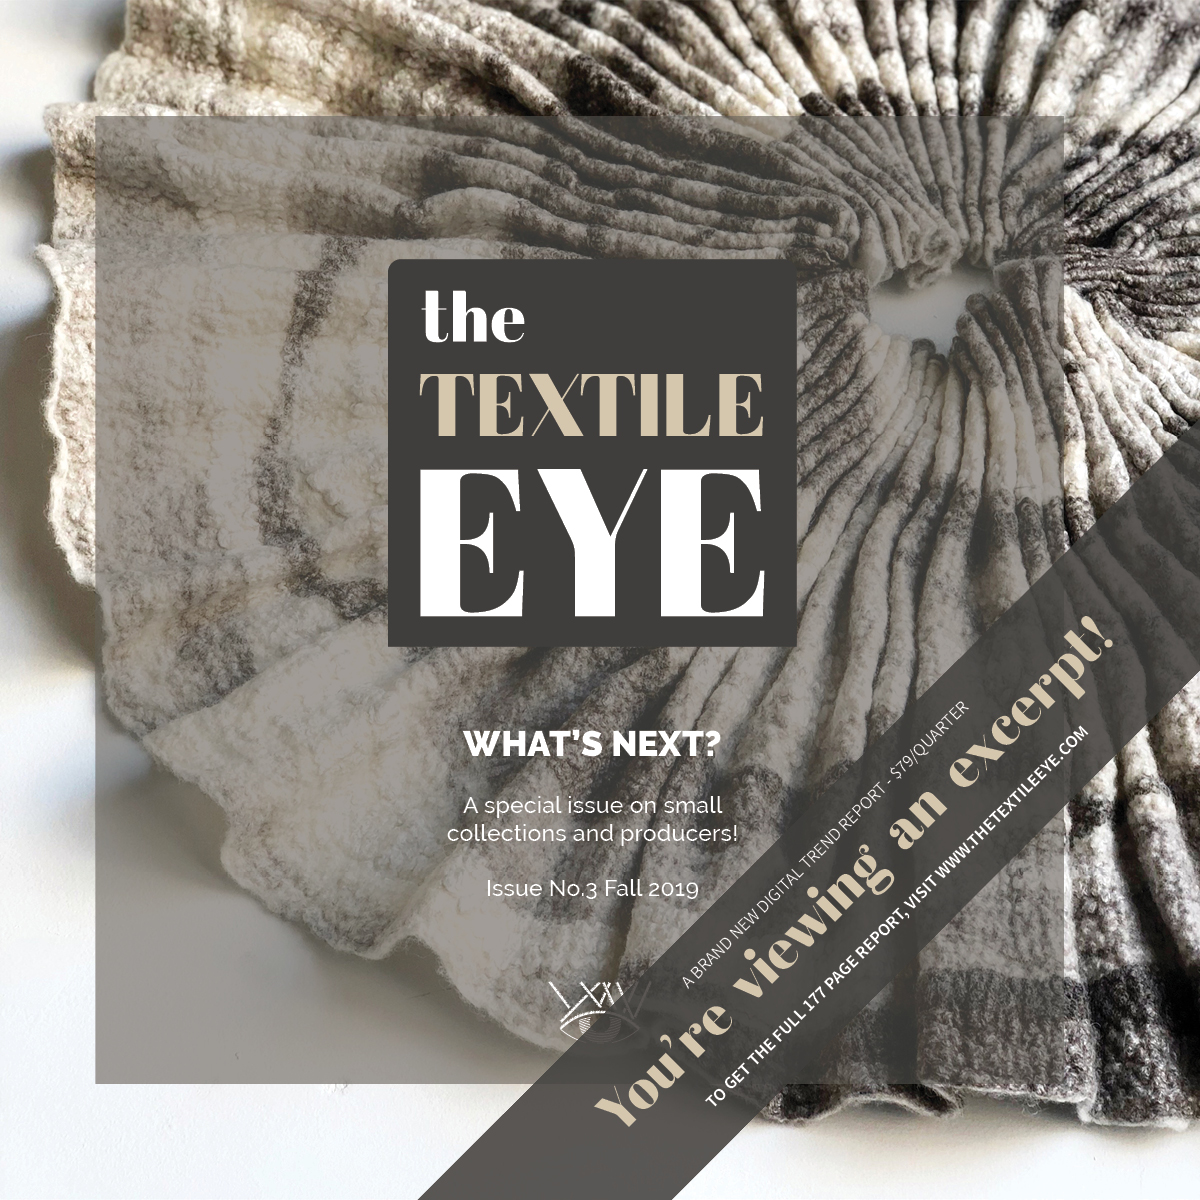 The Textile Eye Issue 2 Summer 19 Excerpt LR21.jpg